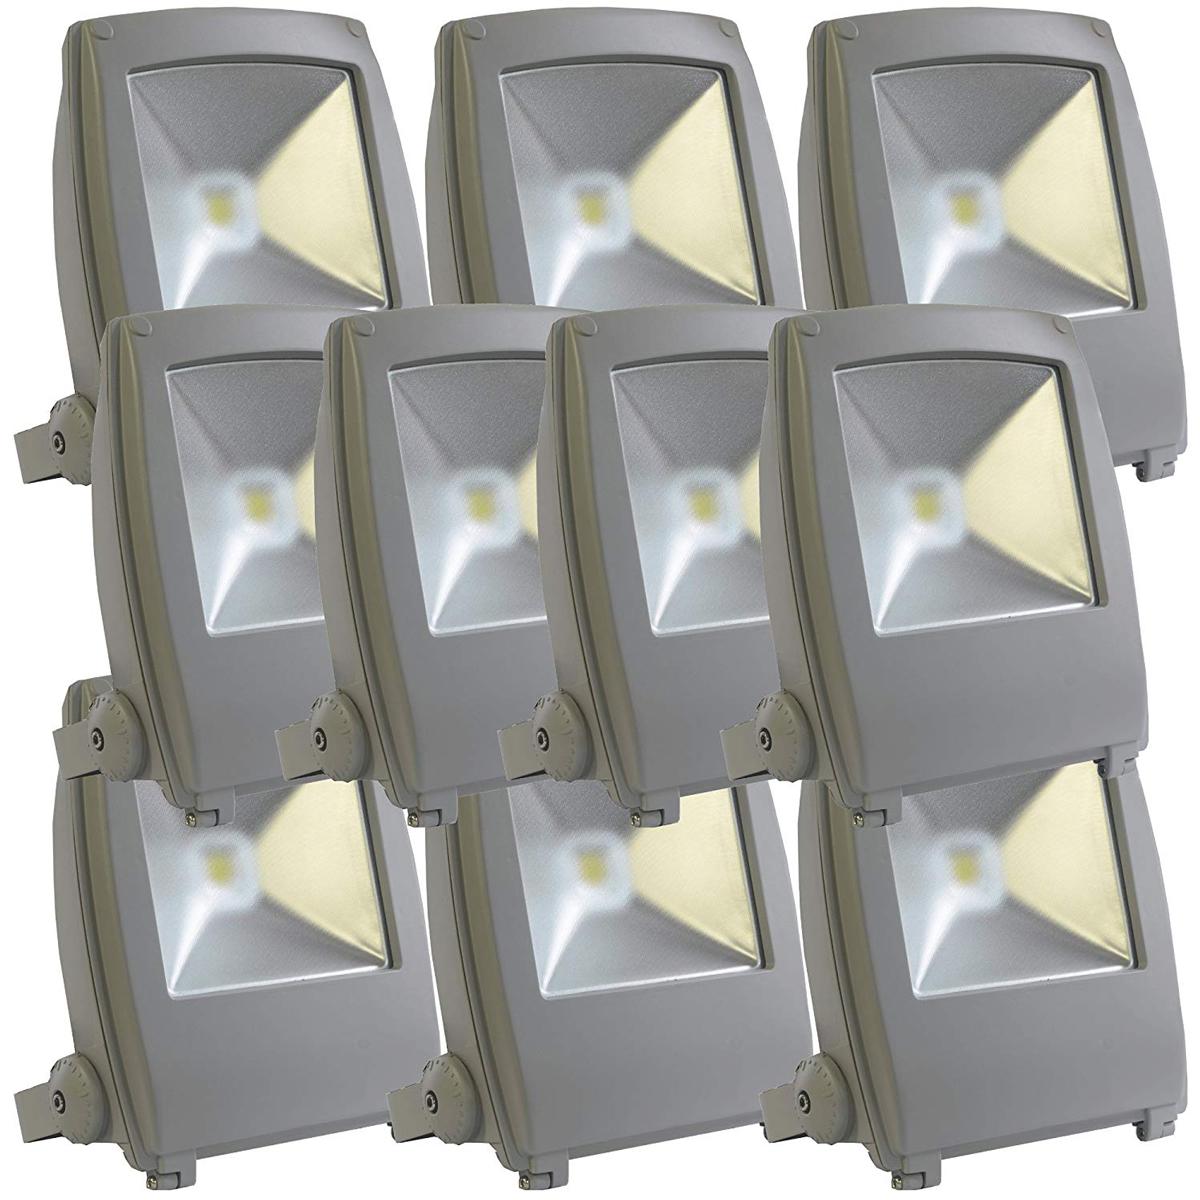 【10個セット】LED投光器 50W 500W相当 フラットタイプ 昼光色 作業灯 集魚灯 防犯 送料無料 A42Y50BSET10